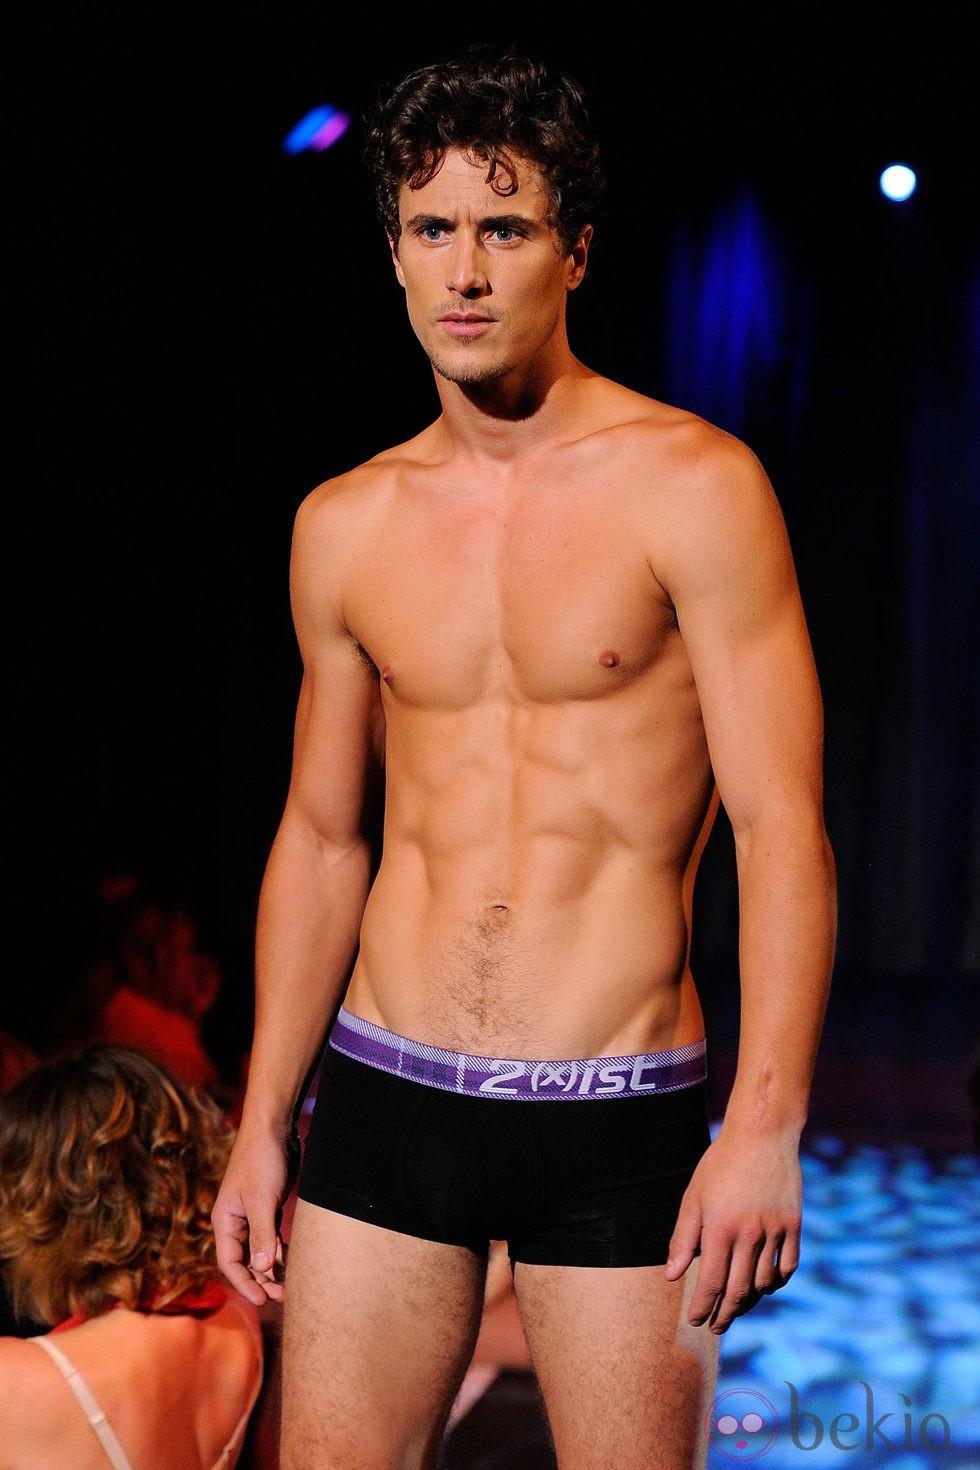 Modelo con torso desnudo y boxer negro de 2 x ist para for Ropa interior chico